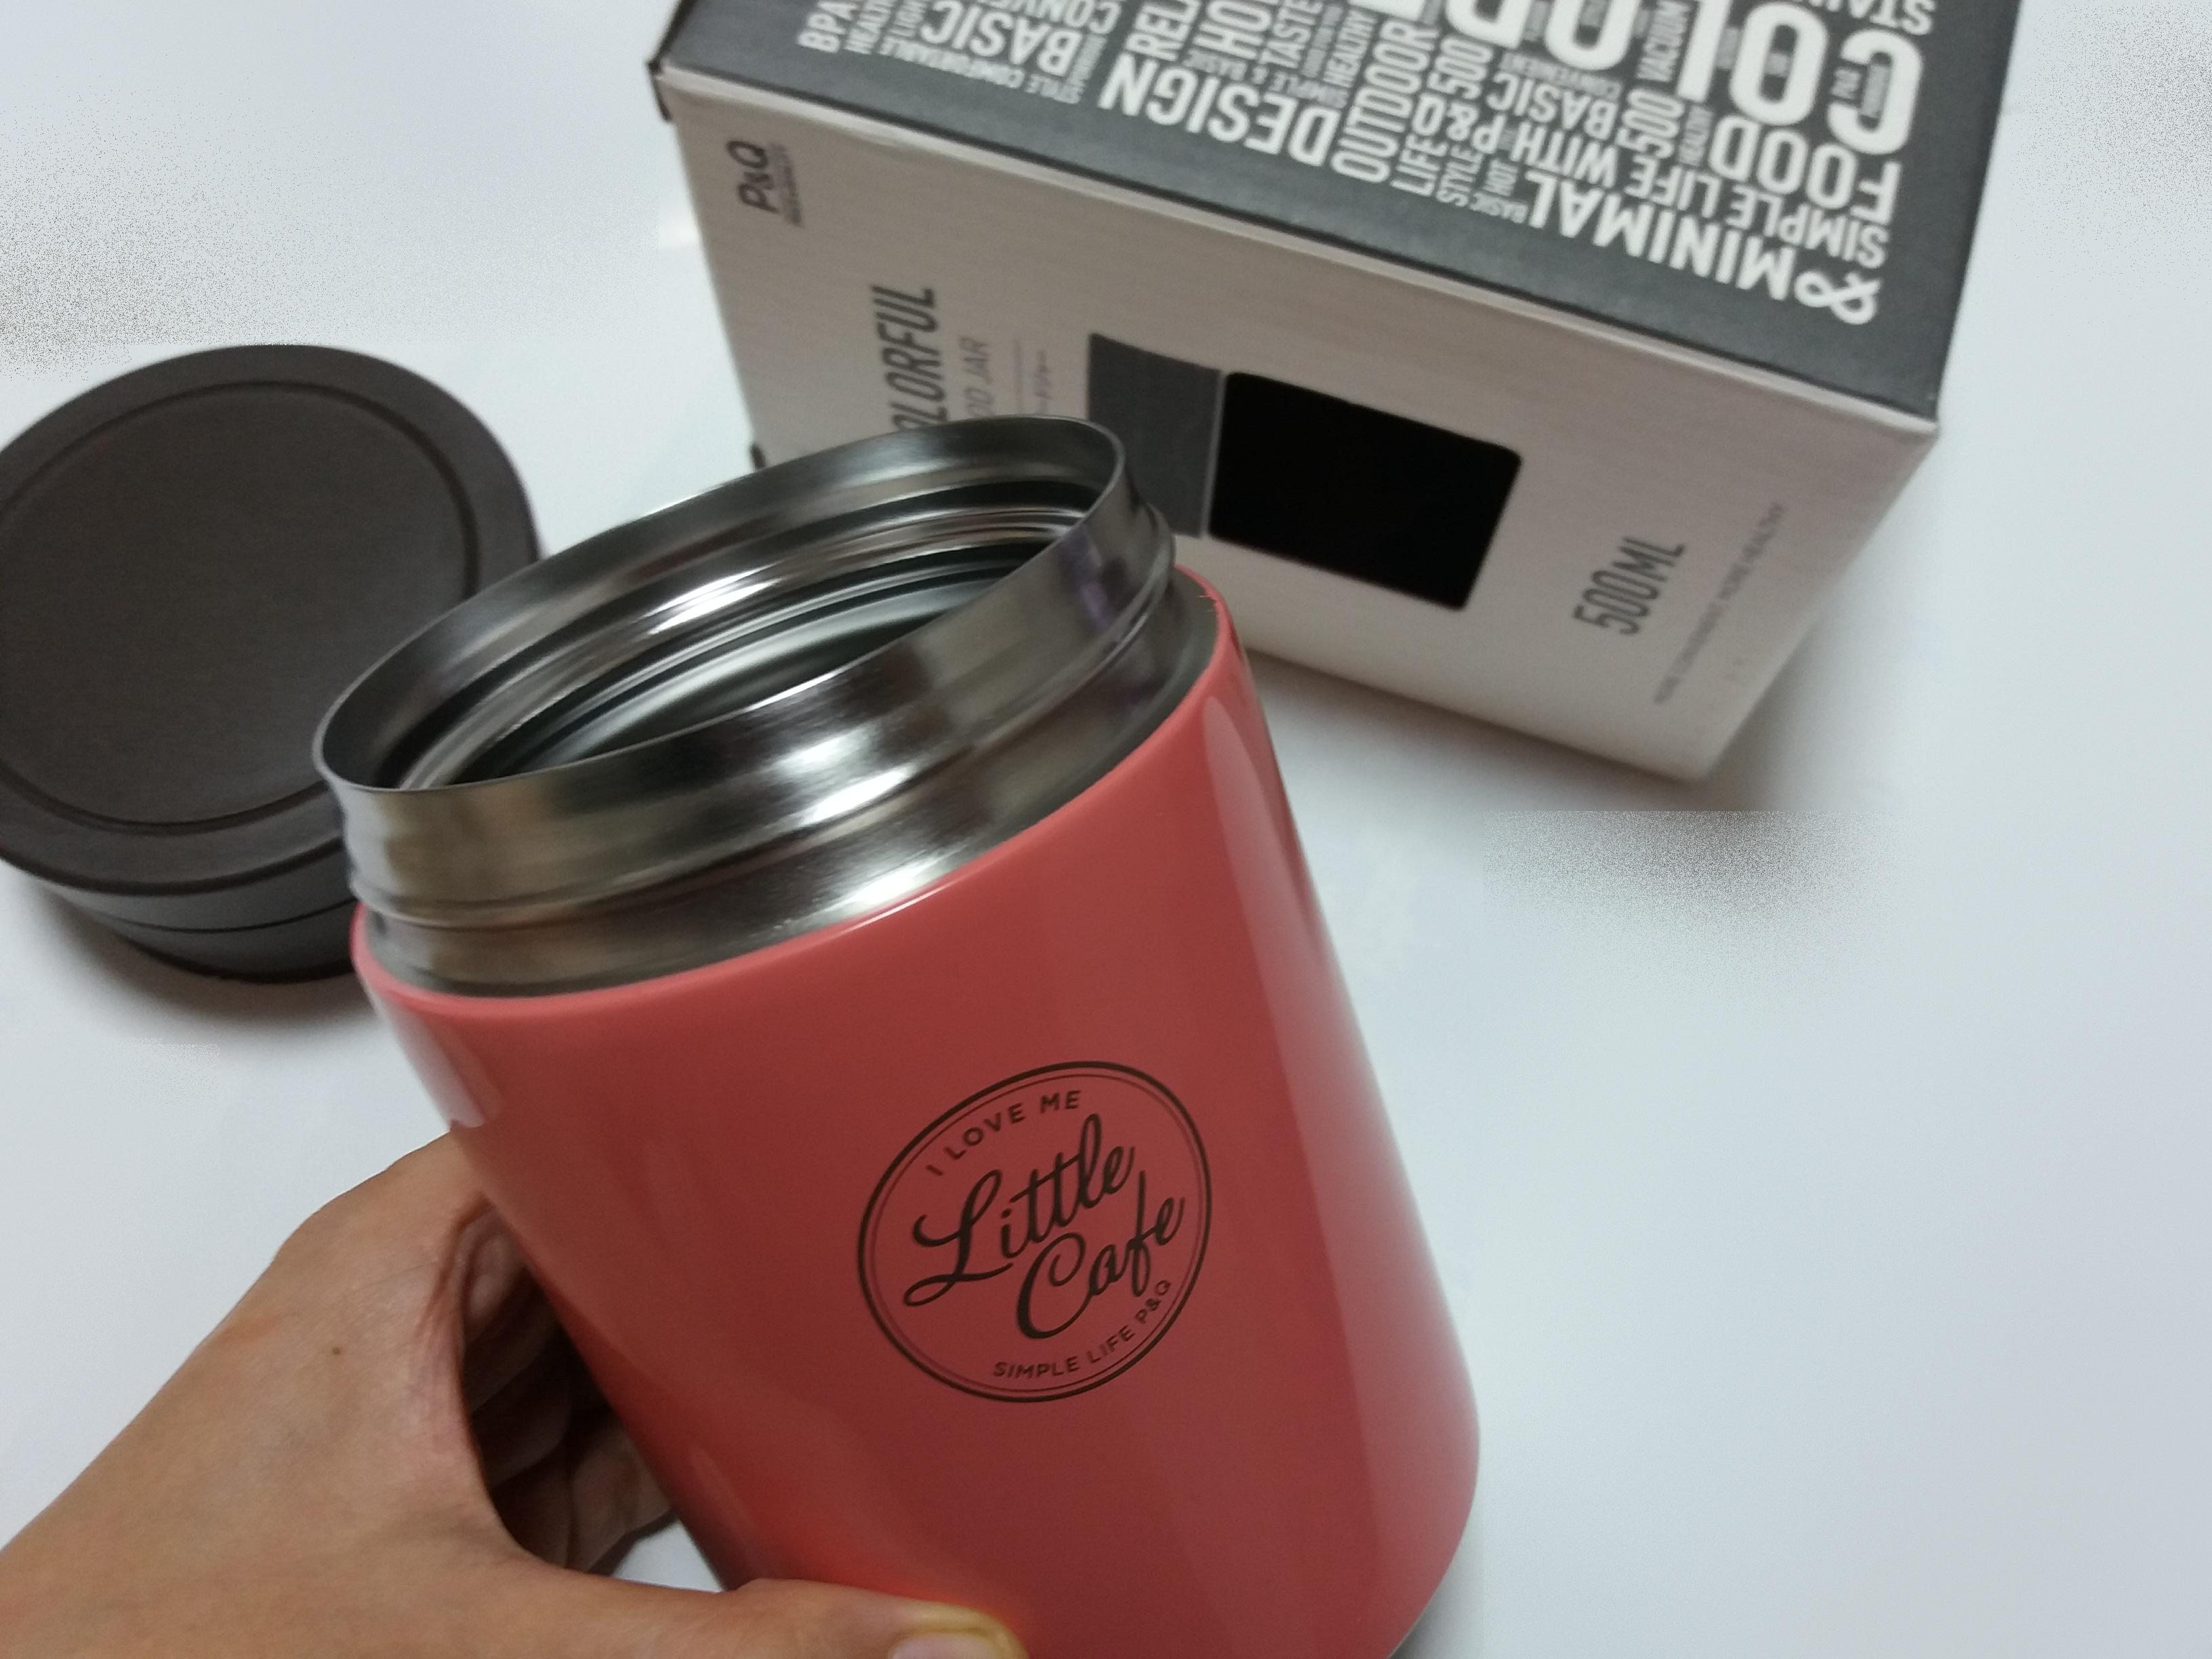 [피앤큐] * 컬러풀 보온 죽통 500㎖ -핑크 *로 겨울나기준비 ~~!